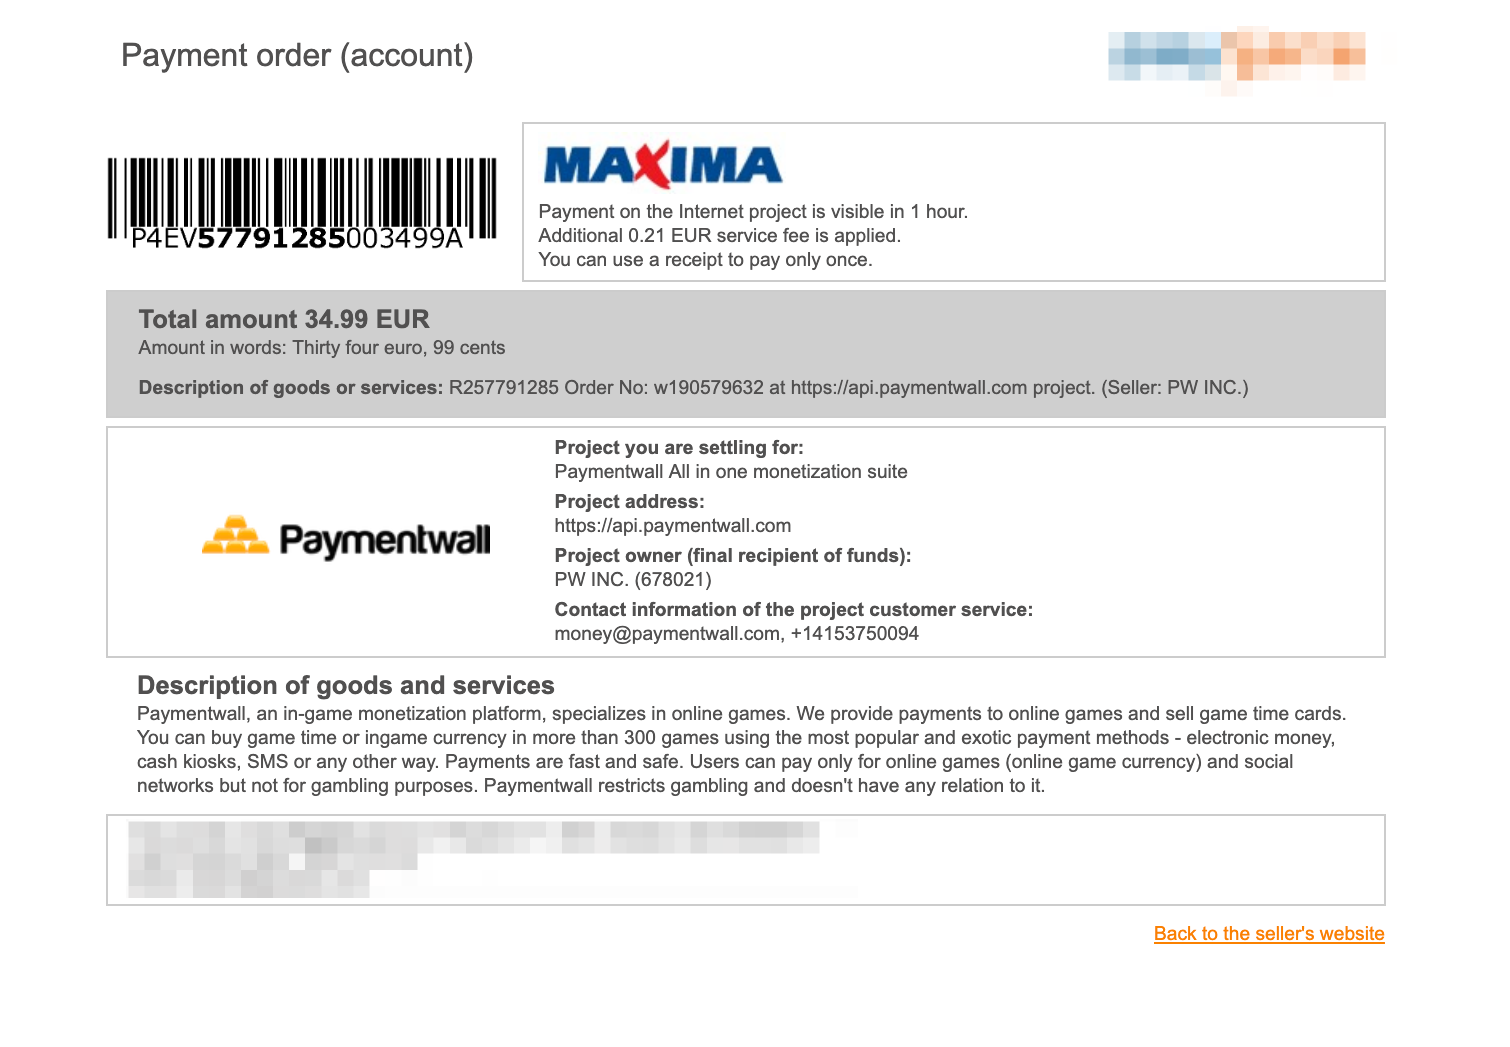 Maxima checkout